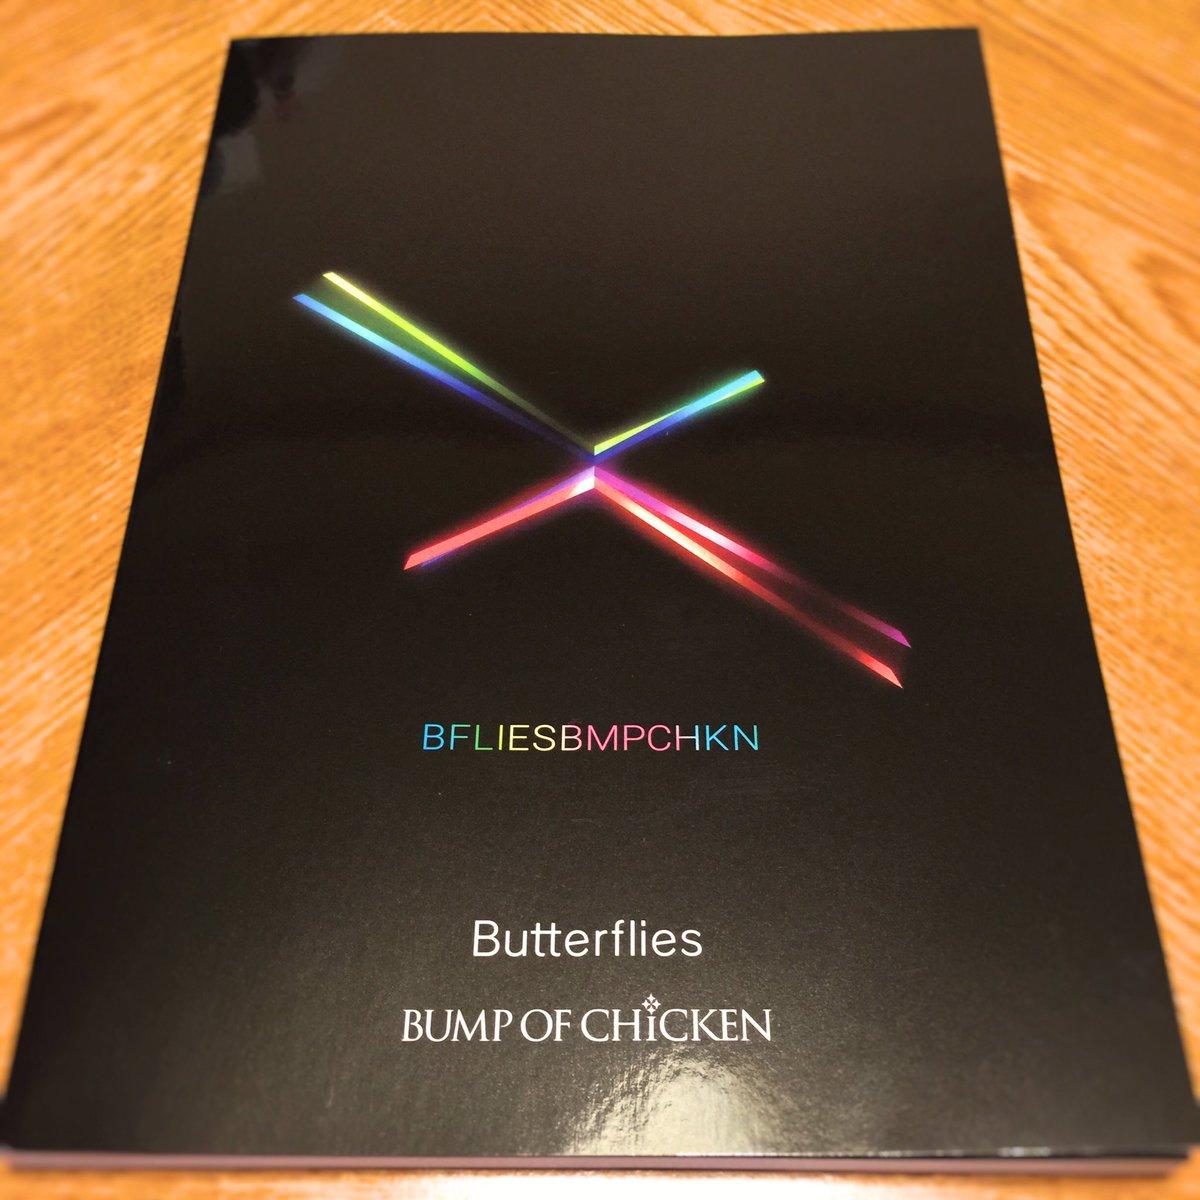 明日9/23発売のBUMP OF CHICKEN公認バンドスコア『Butterflies』で、日産スタジアム公演での使用楽器解説を担当。愛用の名器から、新導入の機材まで。バンドをやっていない方も、ぜひ! #BUMPOFCHICKEN https://t.co/ZBu5X02aMg